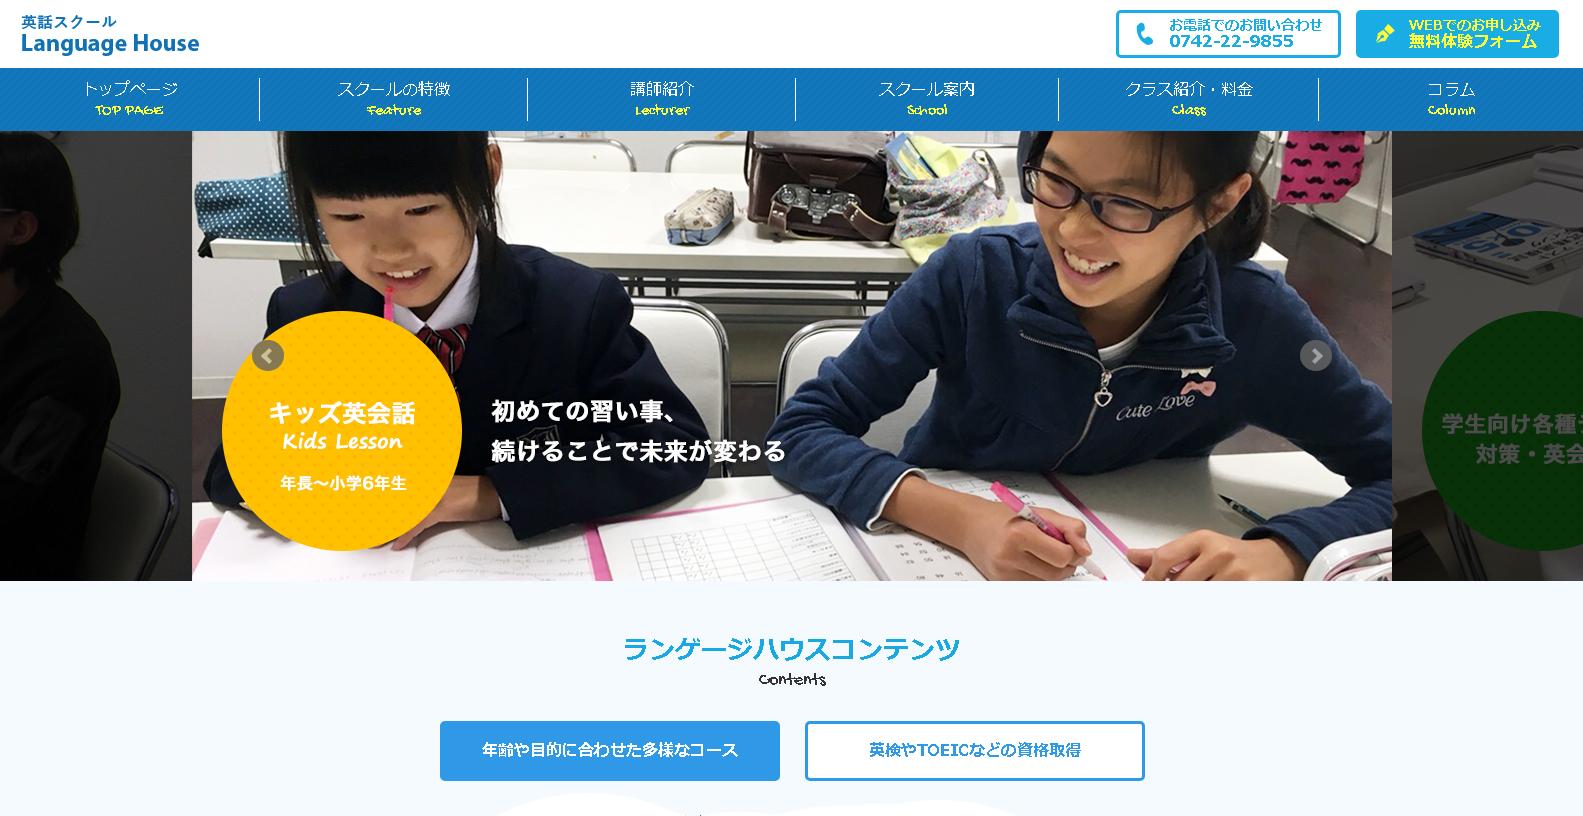 英会話教室 Language House